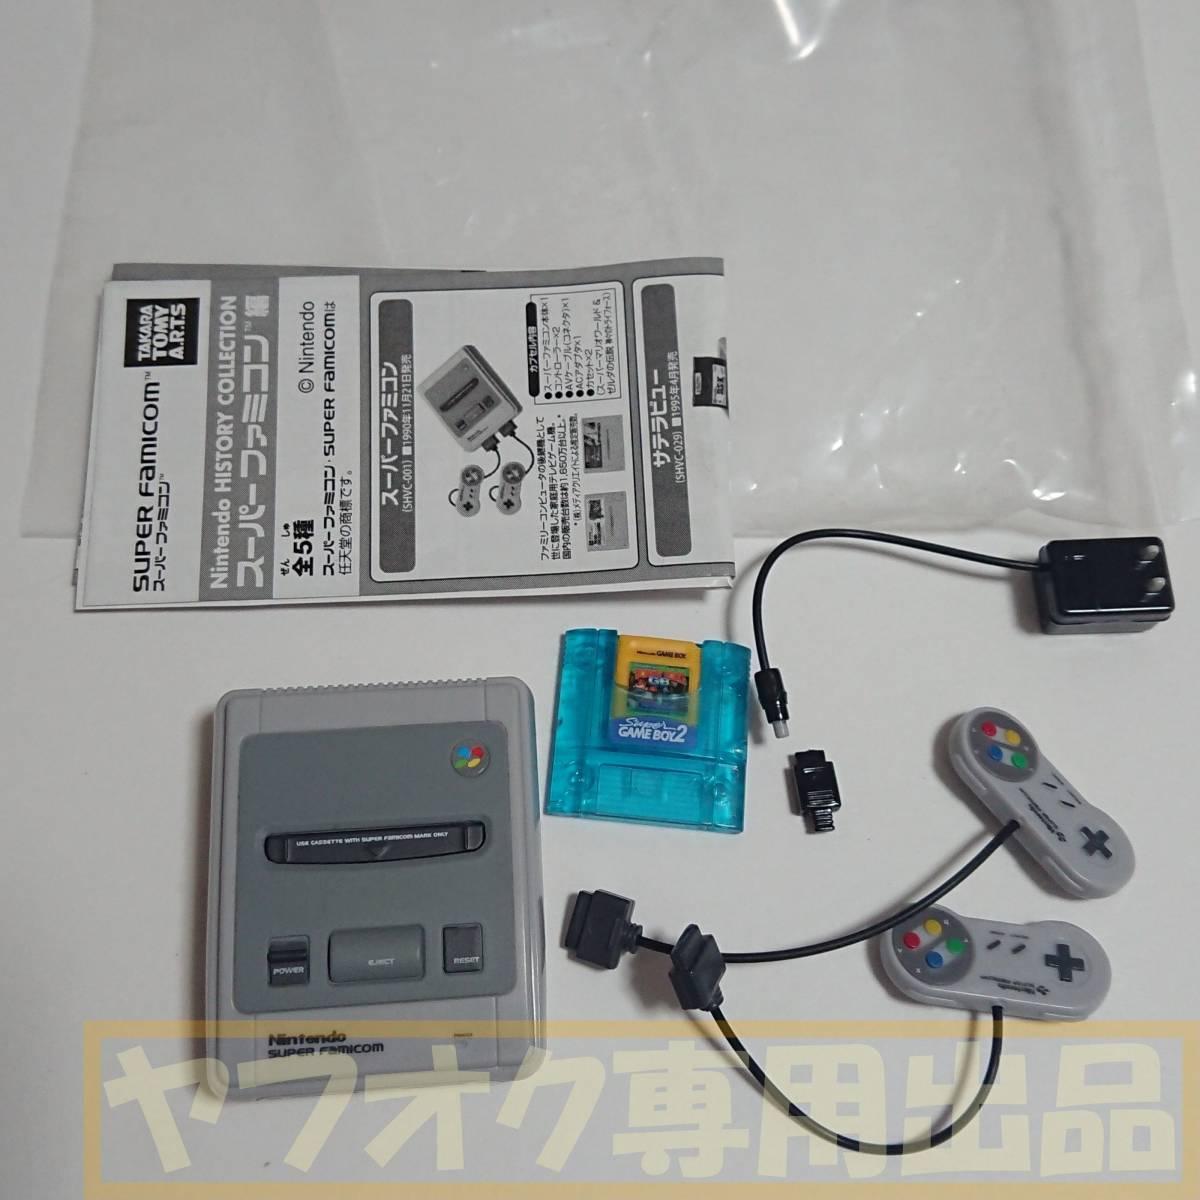 ヒストリーコレクション  スーパーファミコン&スーパーゲームボーイ2◆ ミニチュア フィギュア ガチャ カプセル Nintendo_画像1